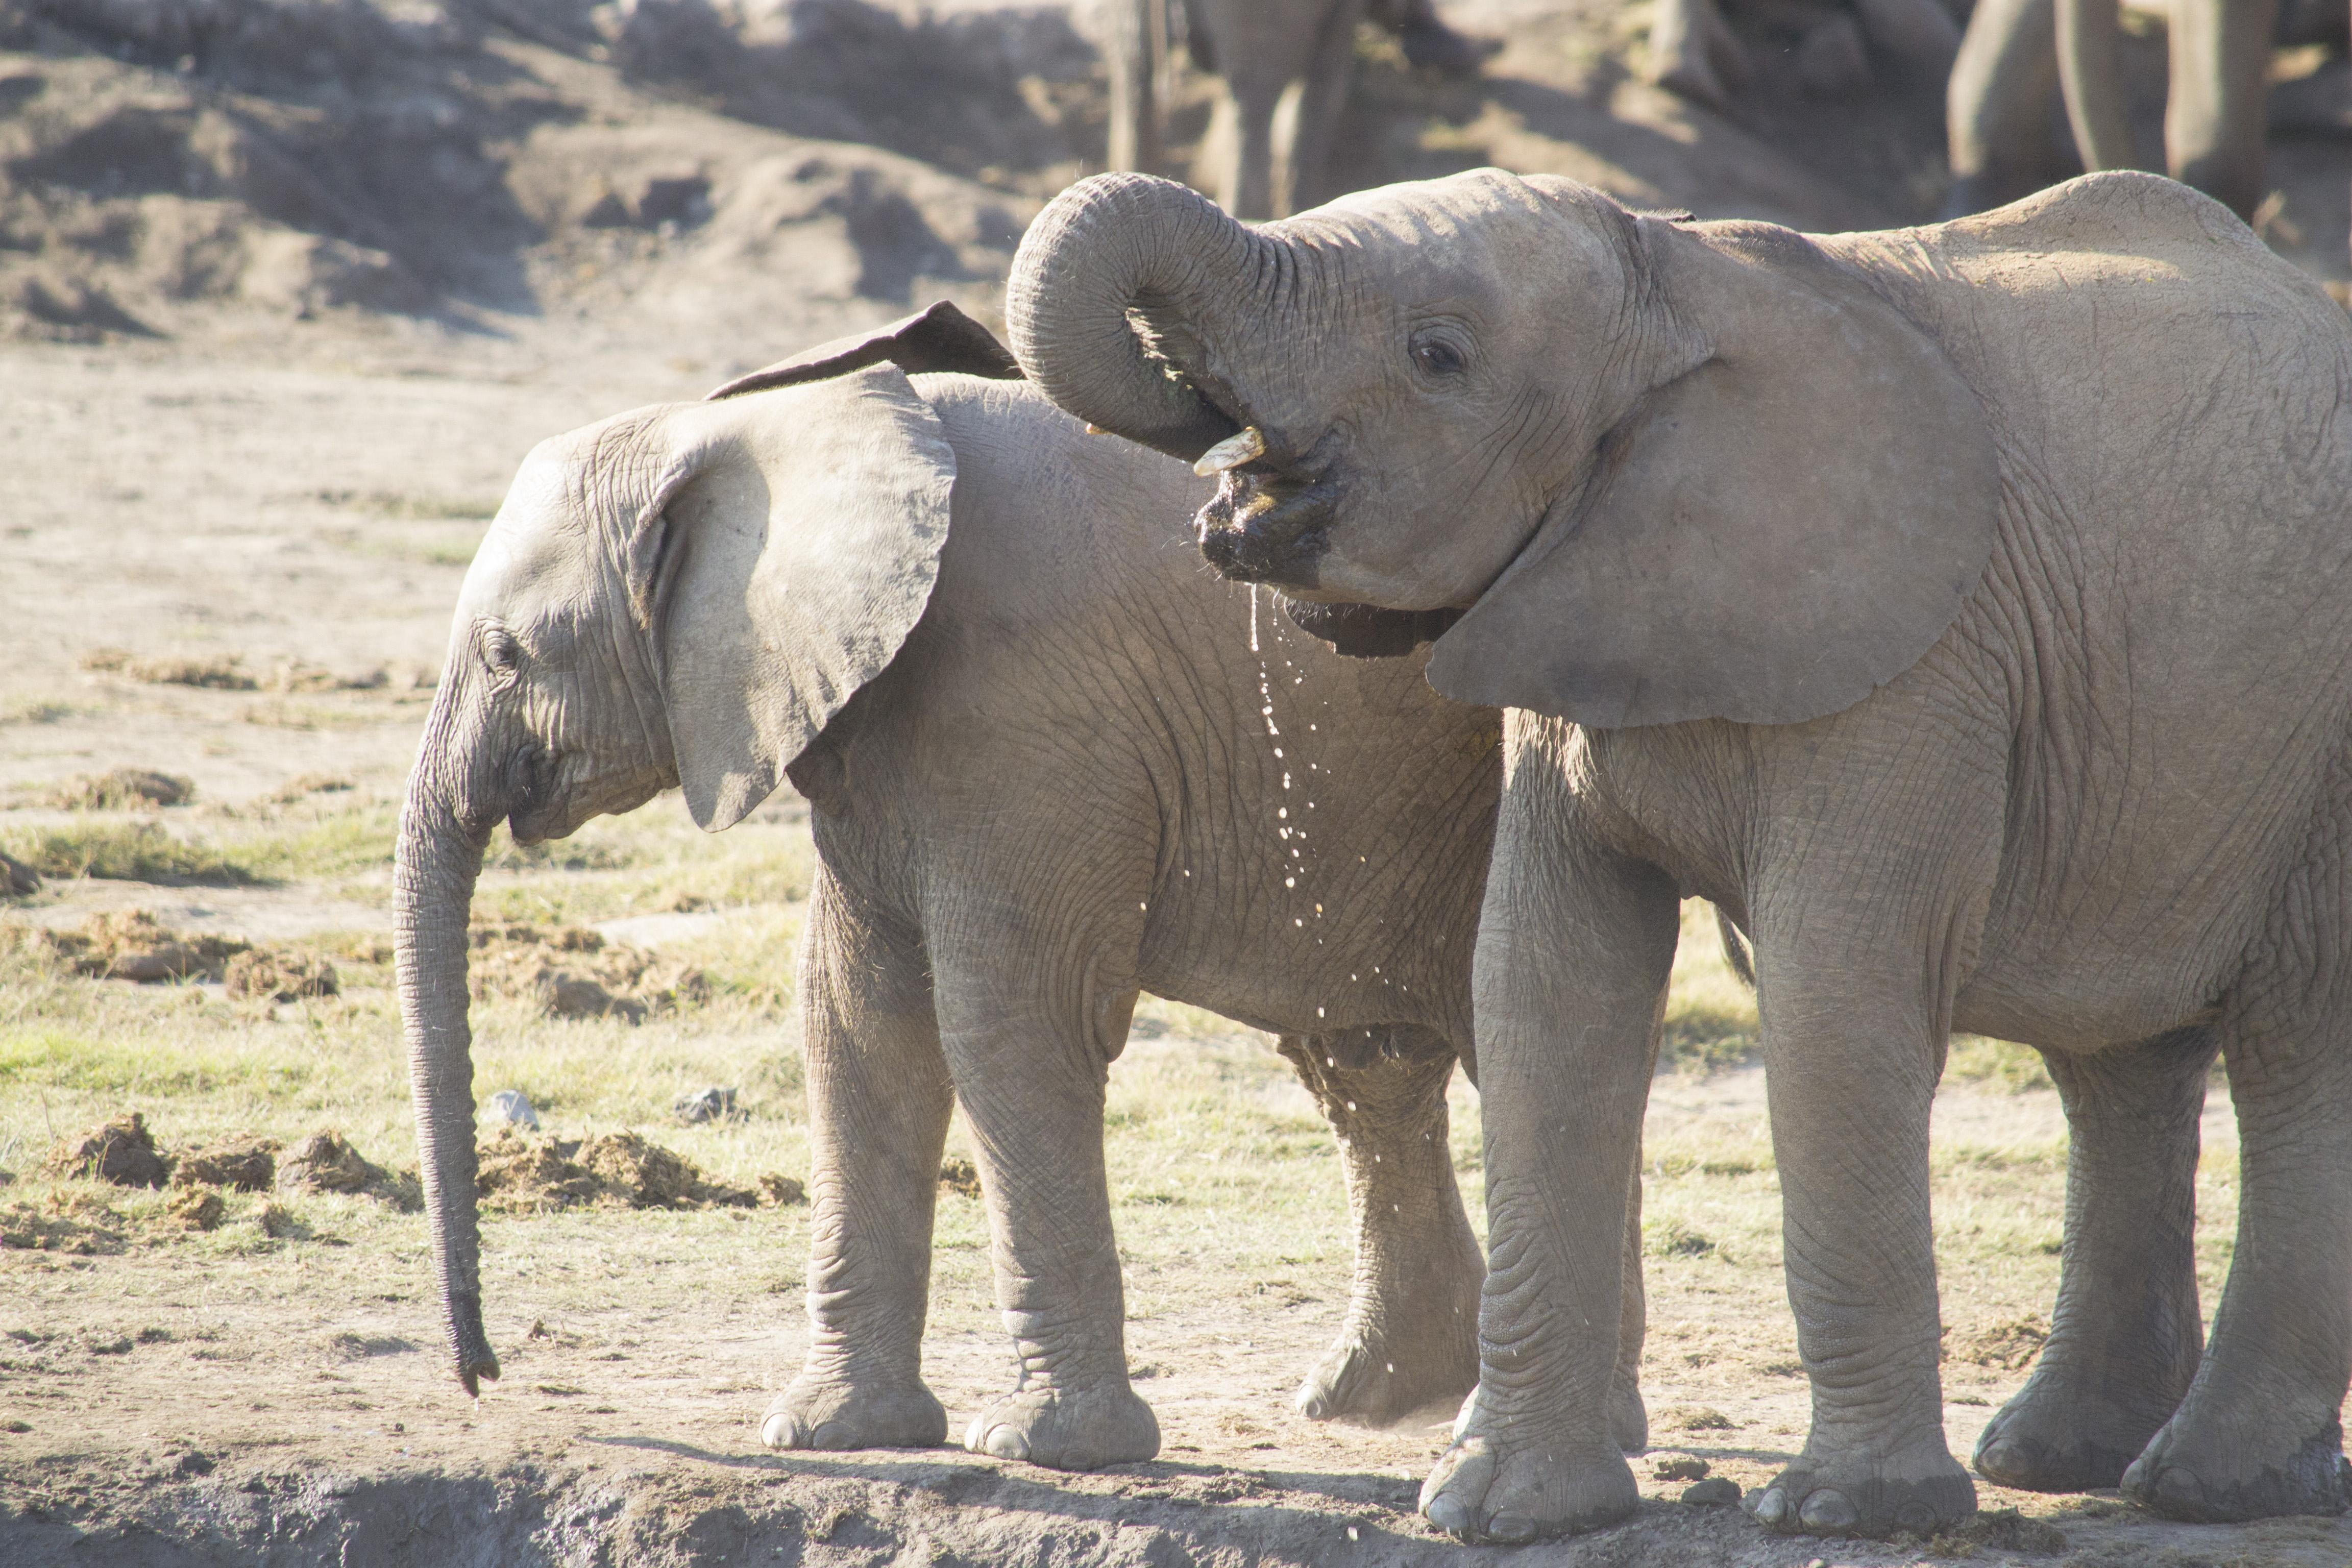 Elephants drinking - Madikwe